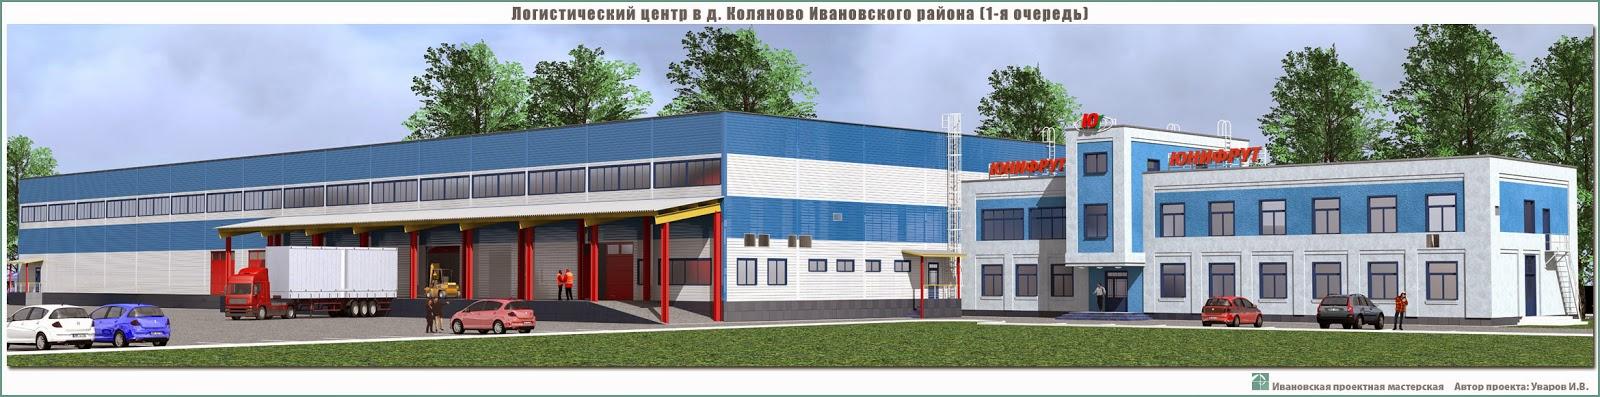 Проект логистического центра в пригороде г. Иваново - д. Коляново - Перспектива